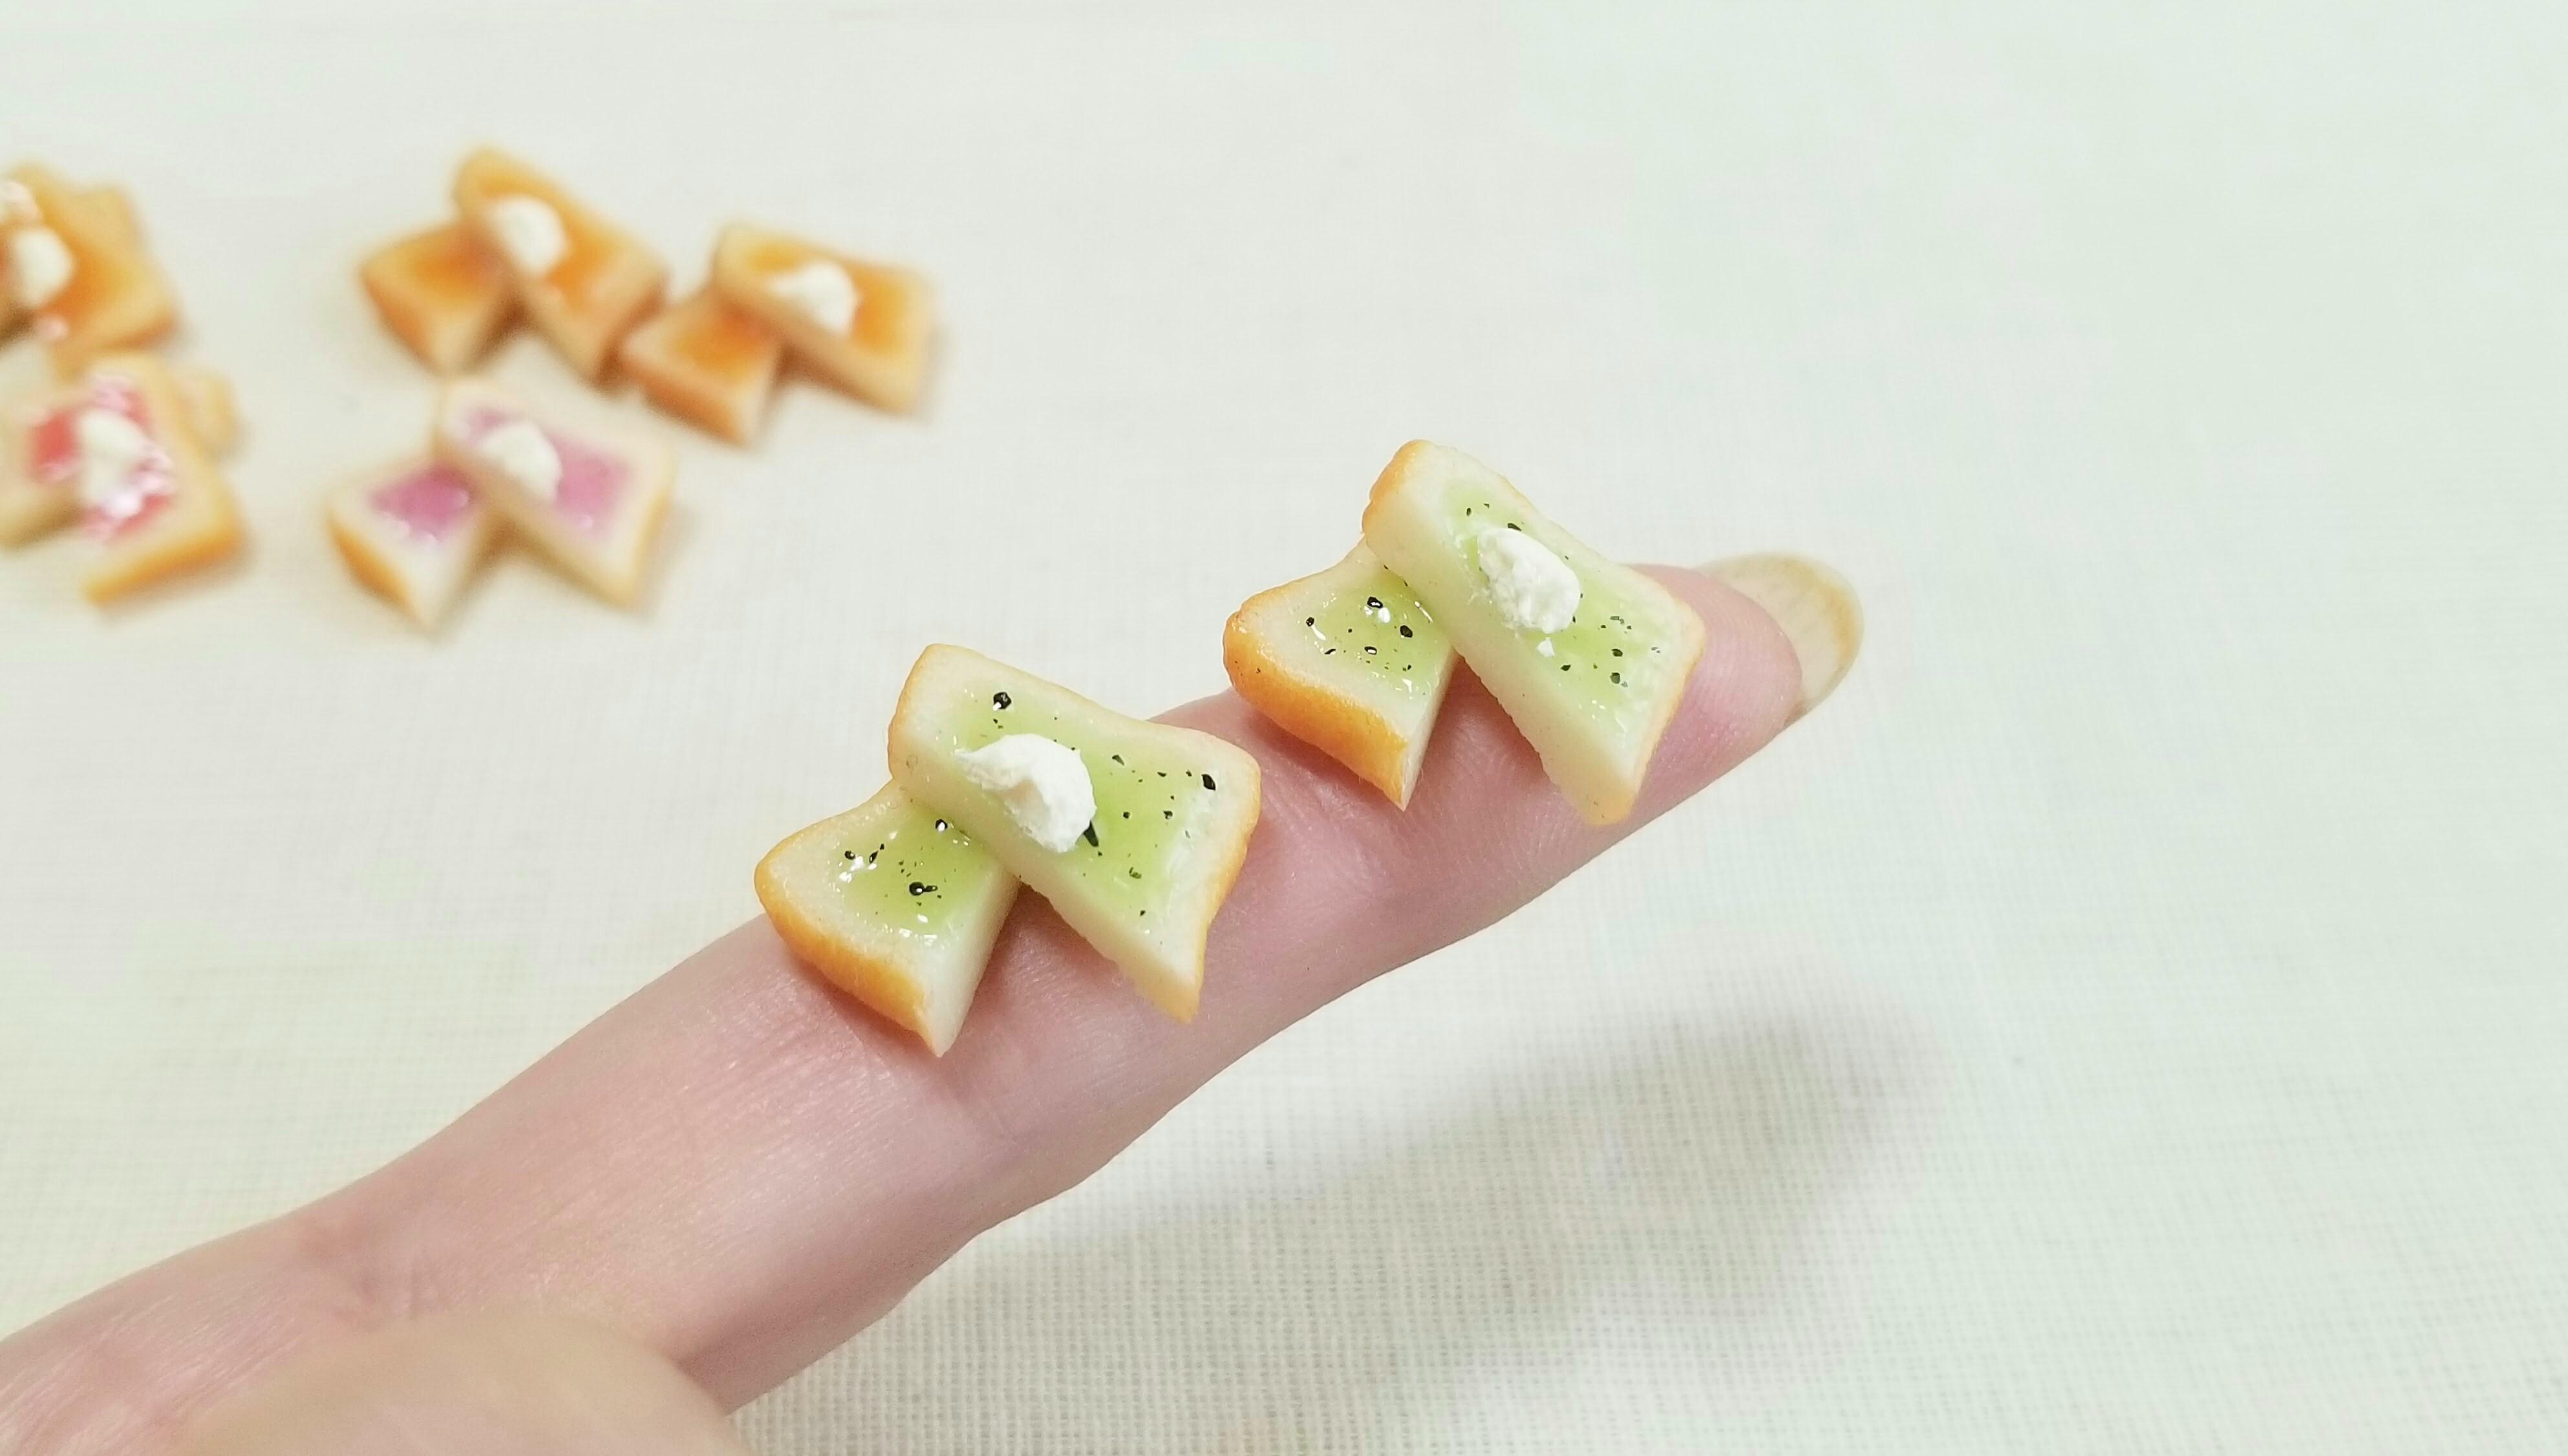 ミニチュアフードかわいいジャムパントーストドール用品小物おすすめ